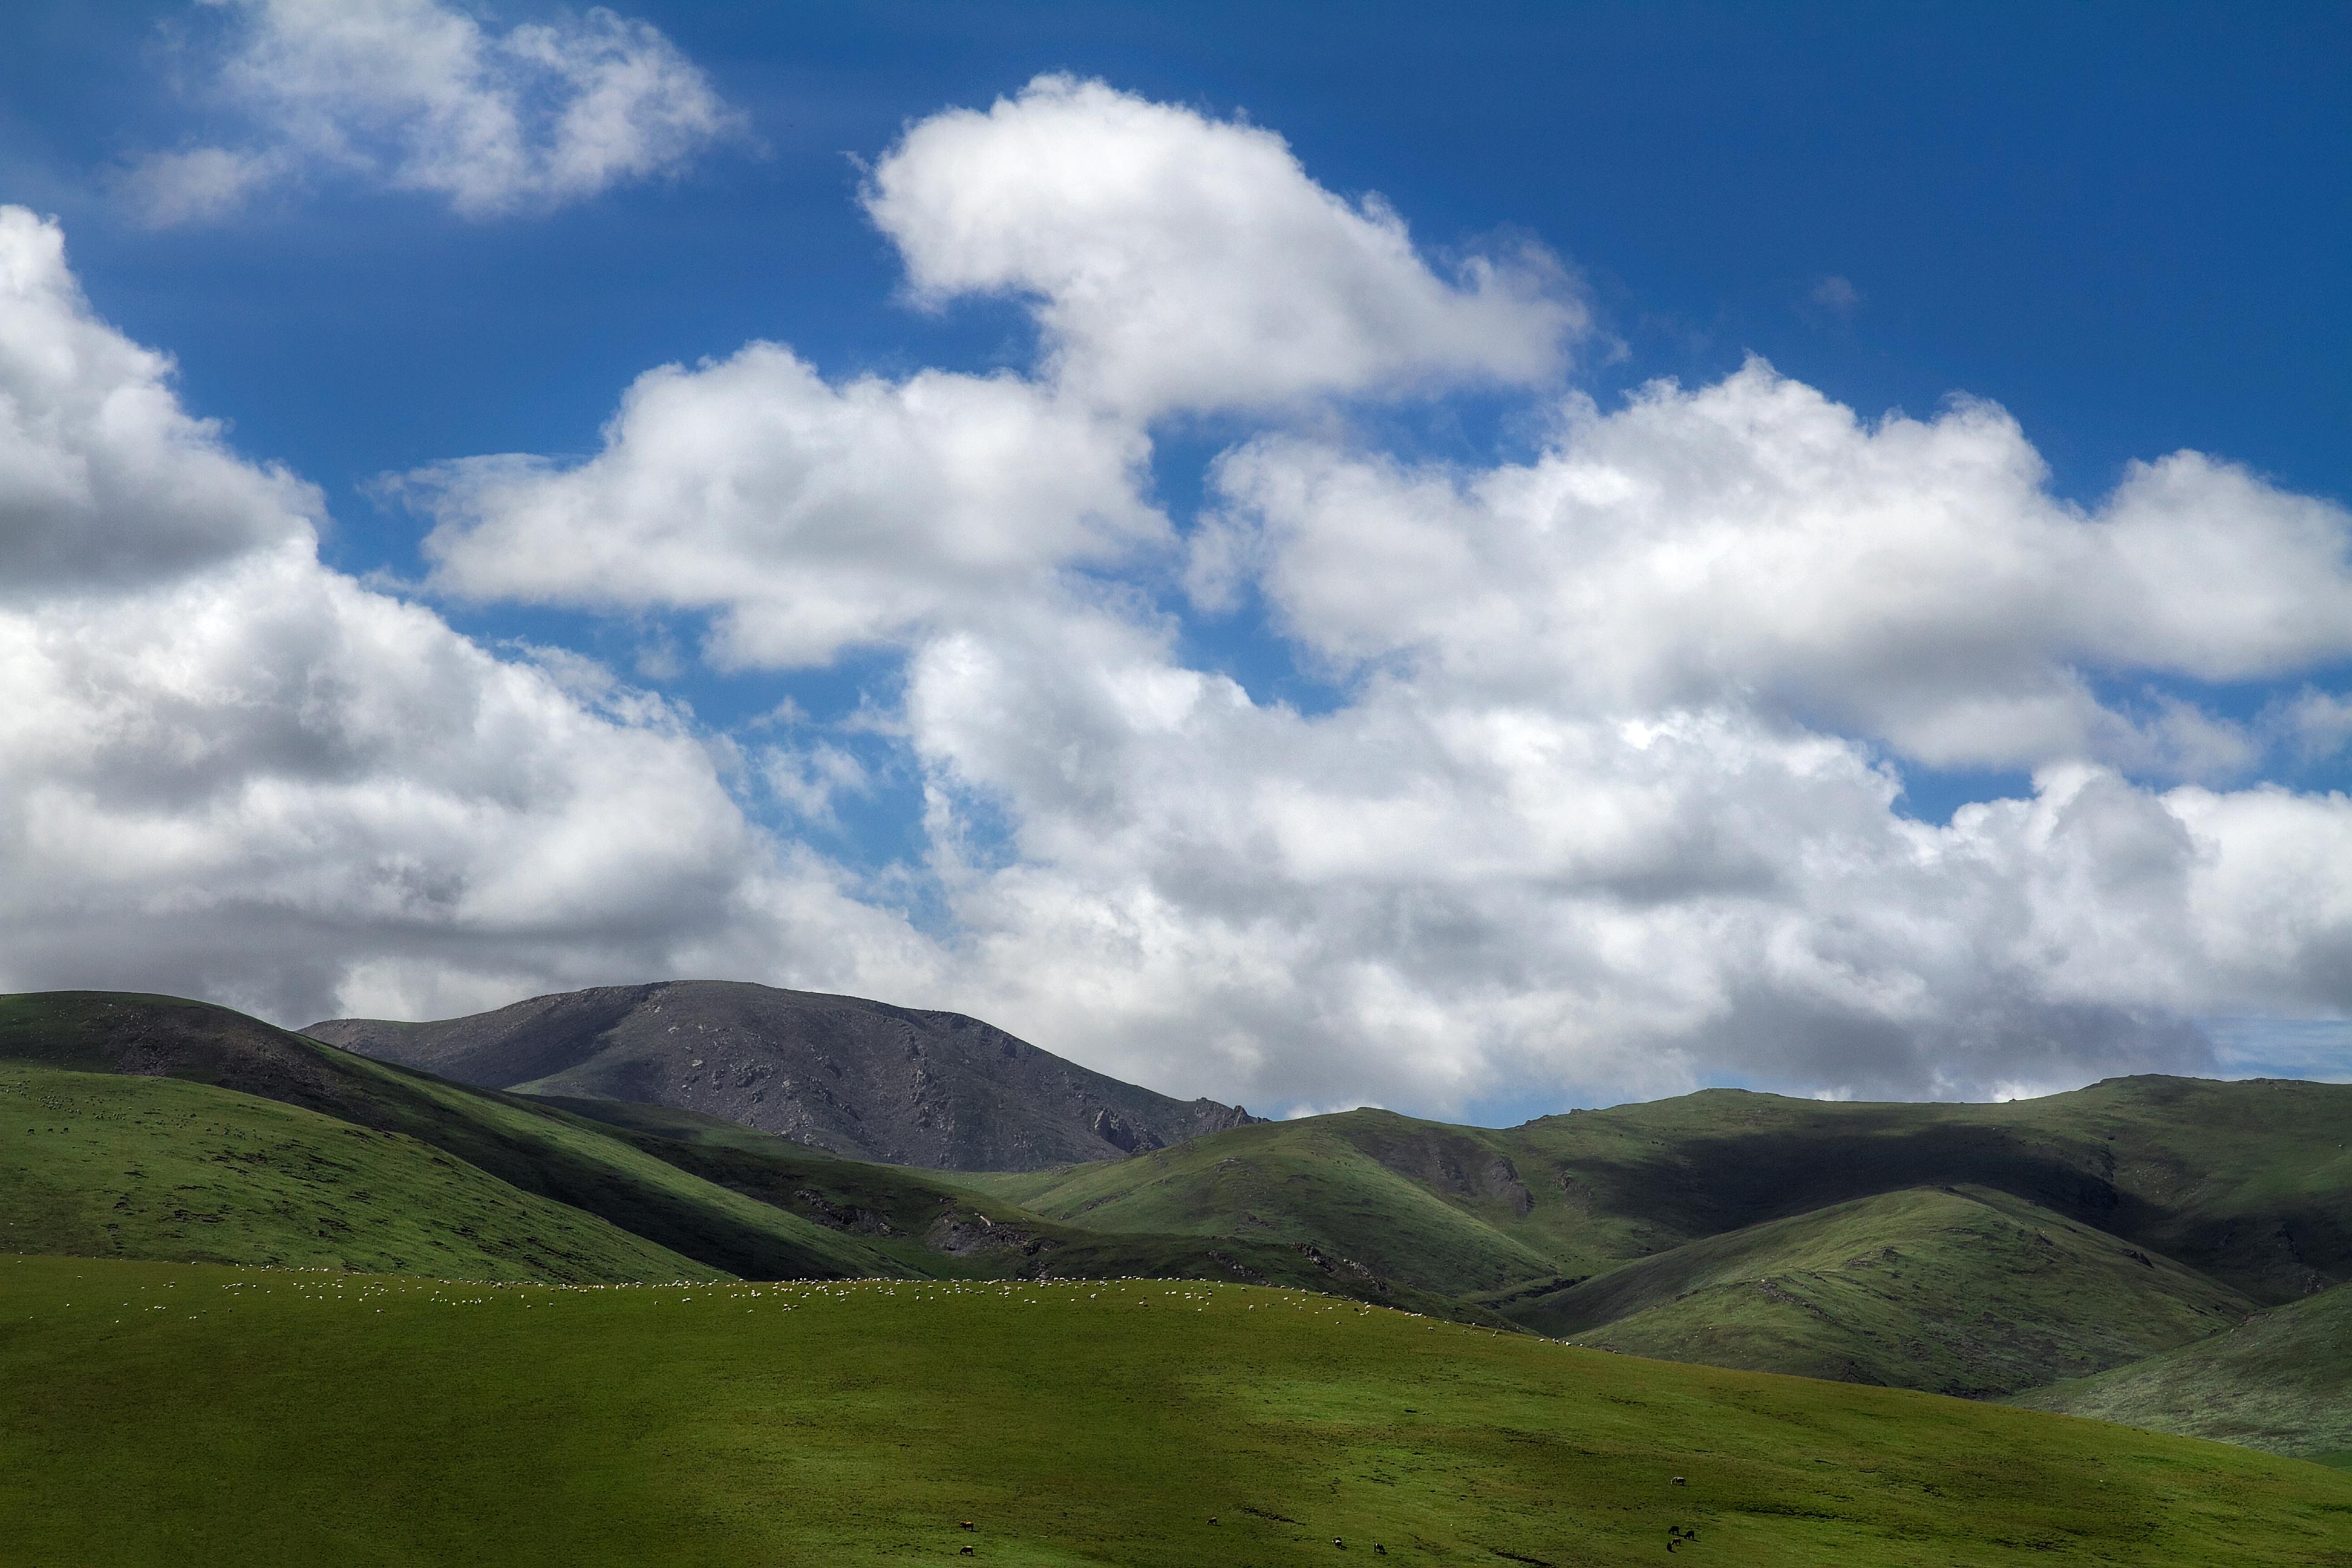 Xiangpi Mountain